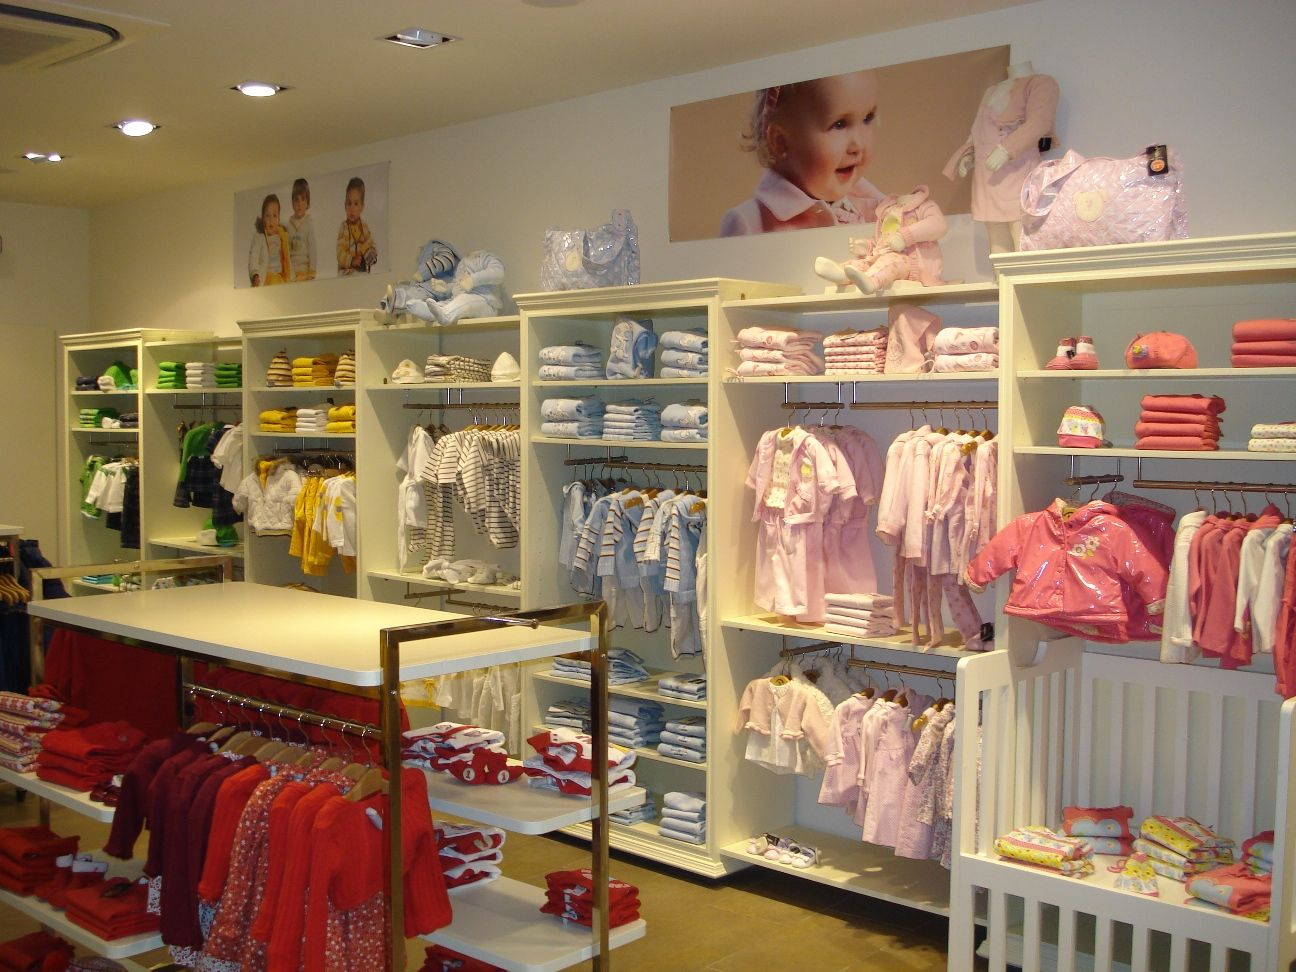 312edaeb4 decoracion de tiendas de ropa de niños - Buscar con Google